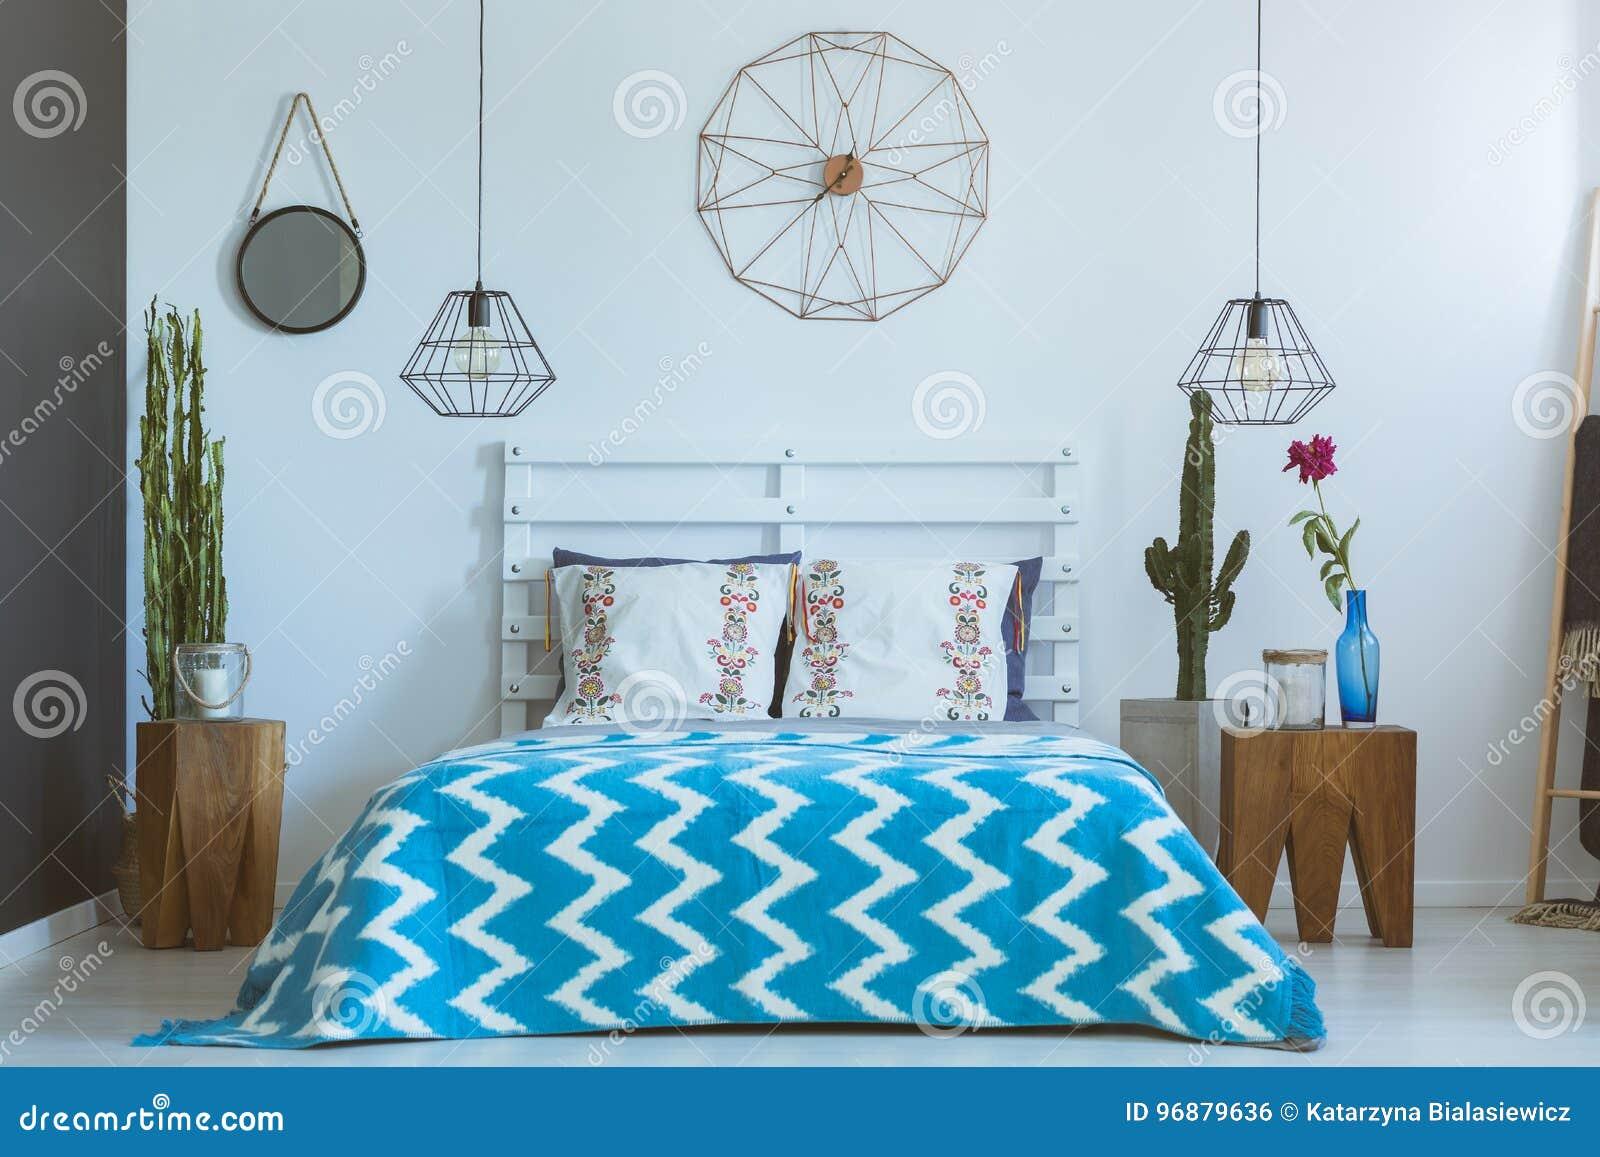 Ethnisches Schlafzimmer Kupferne Uhr Lampen Stockfoto Bild Von